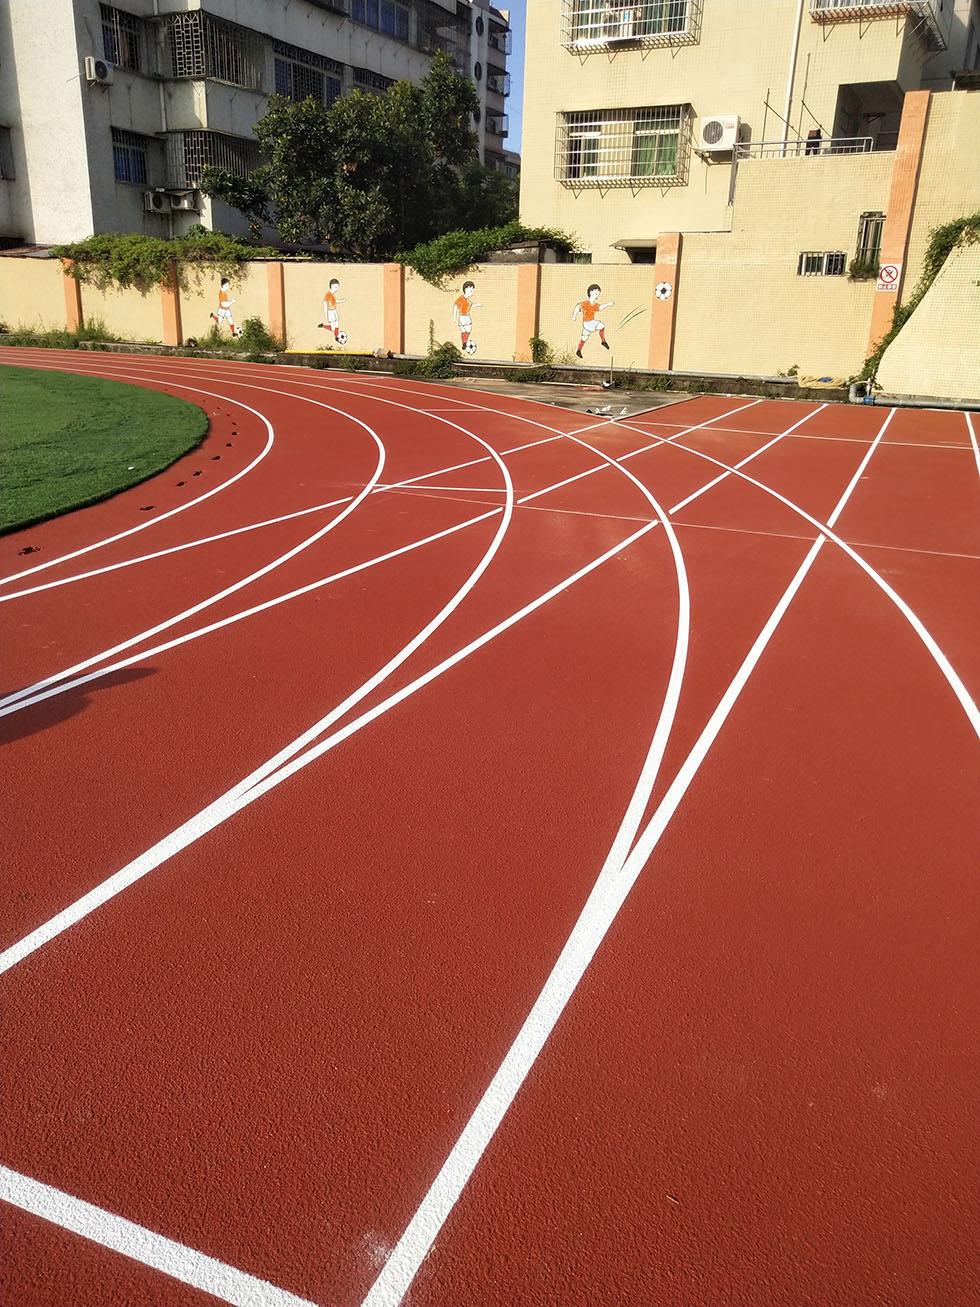 混合型学校塑胶跑道基础要求